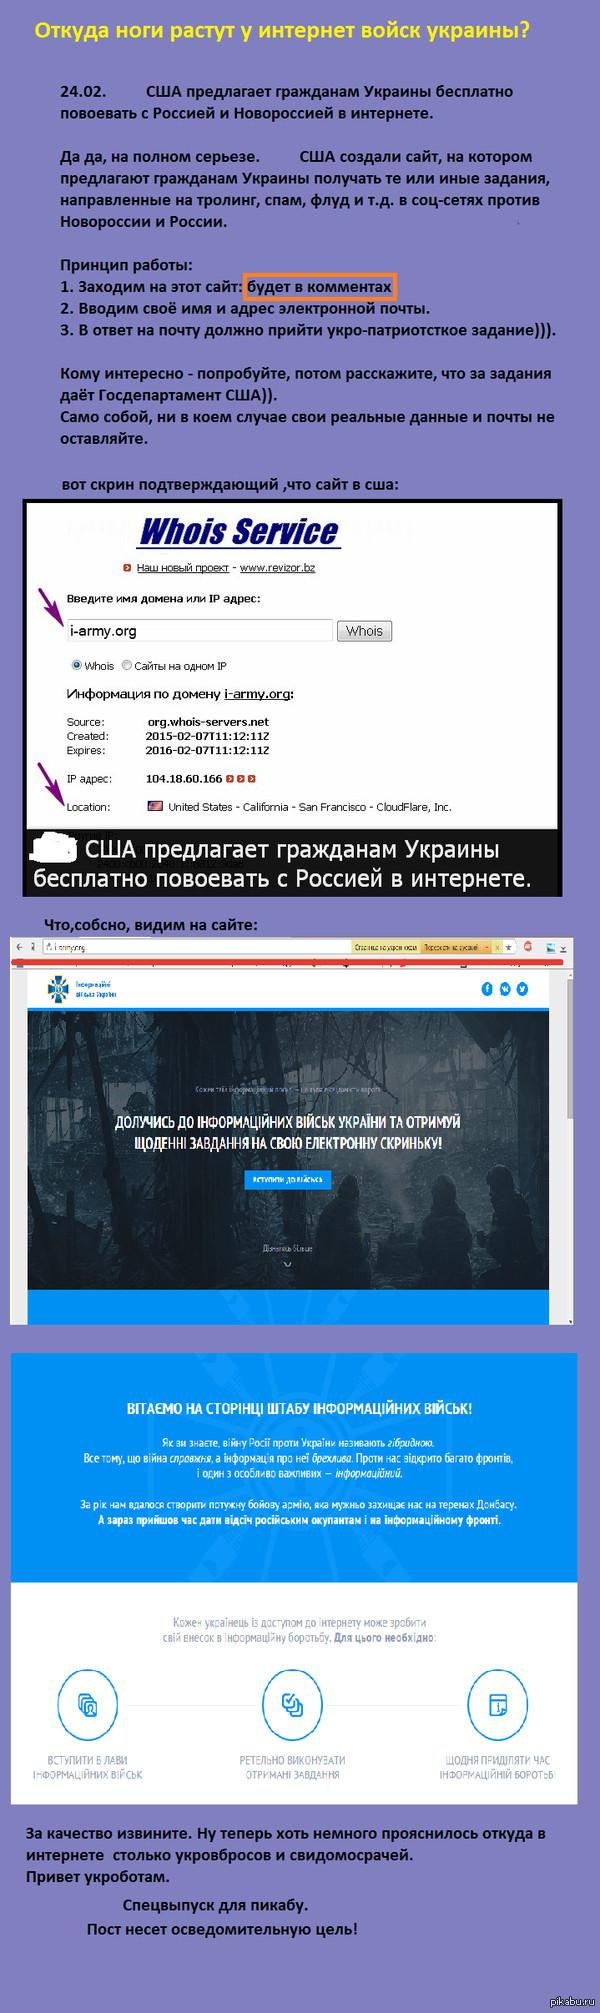 Откуда растут ноги у интернет войск украины? пост несет информационно-ознакомительный характер.  пруфы в комментах!